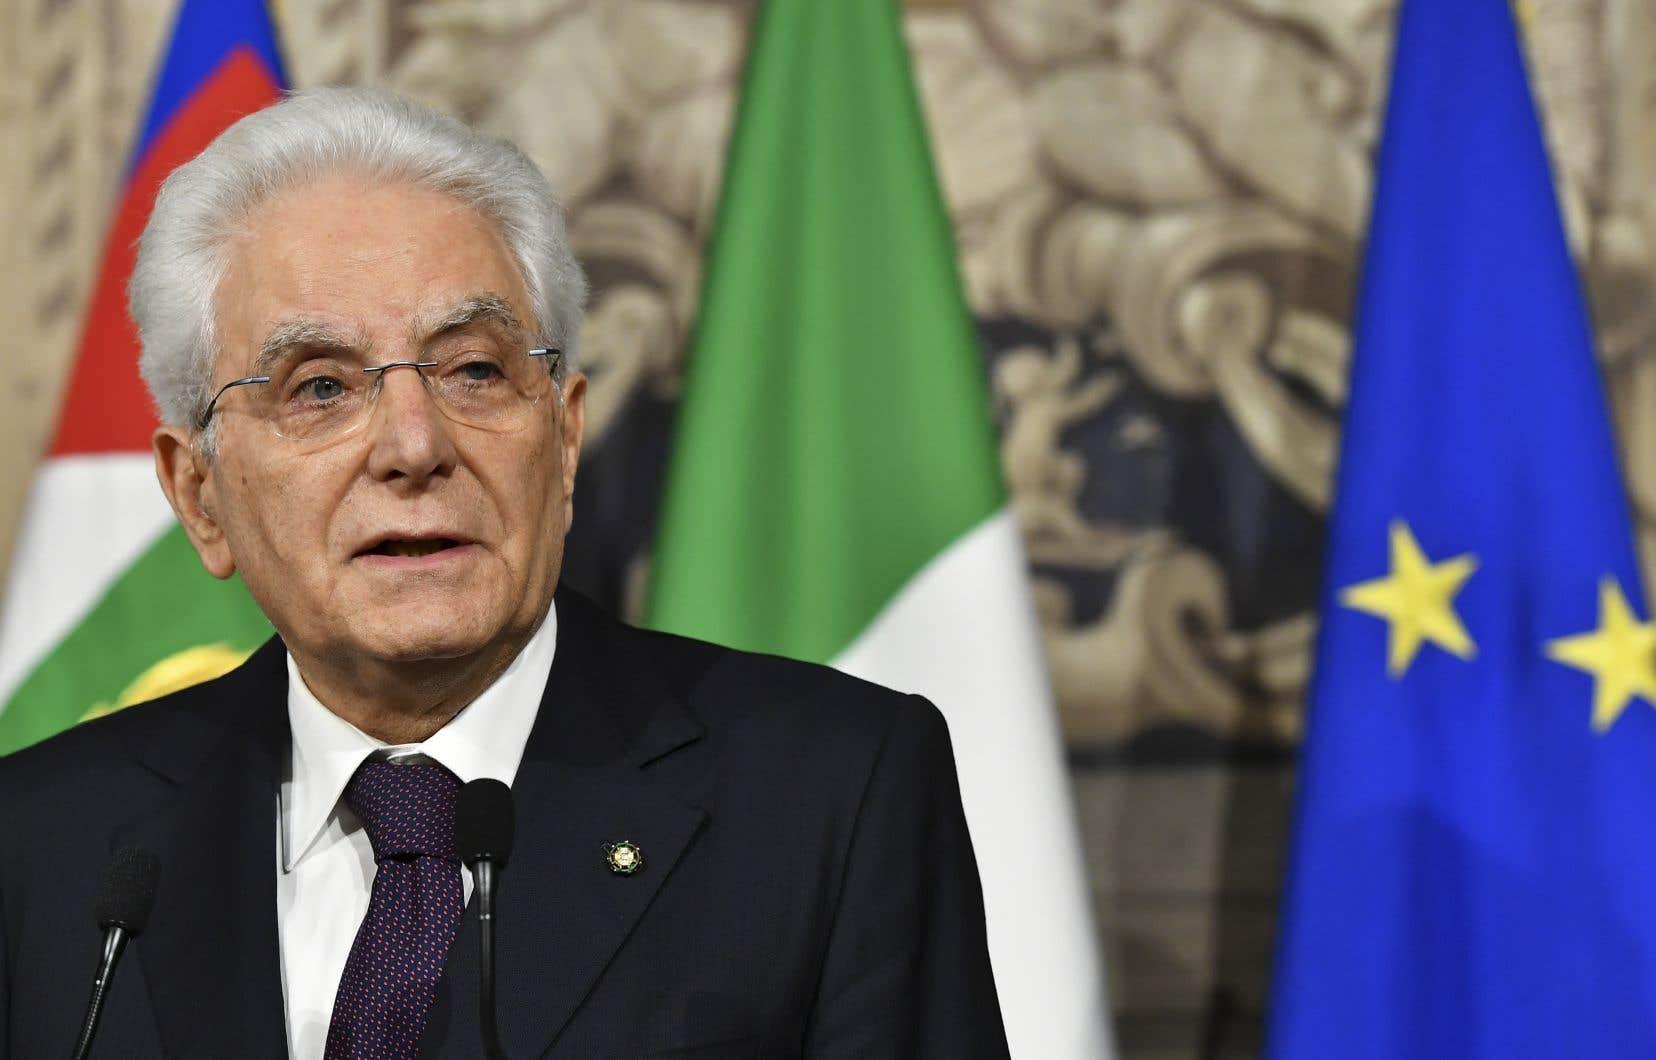 «L'incertitude de la position italienne vis-à-vis de l'euro a alarmé les investisseurs», s'est justifié le président italien, Sergio Mattarella.